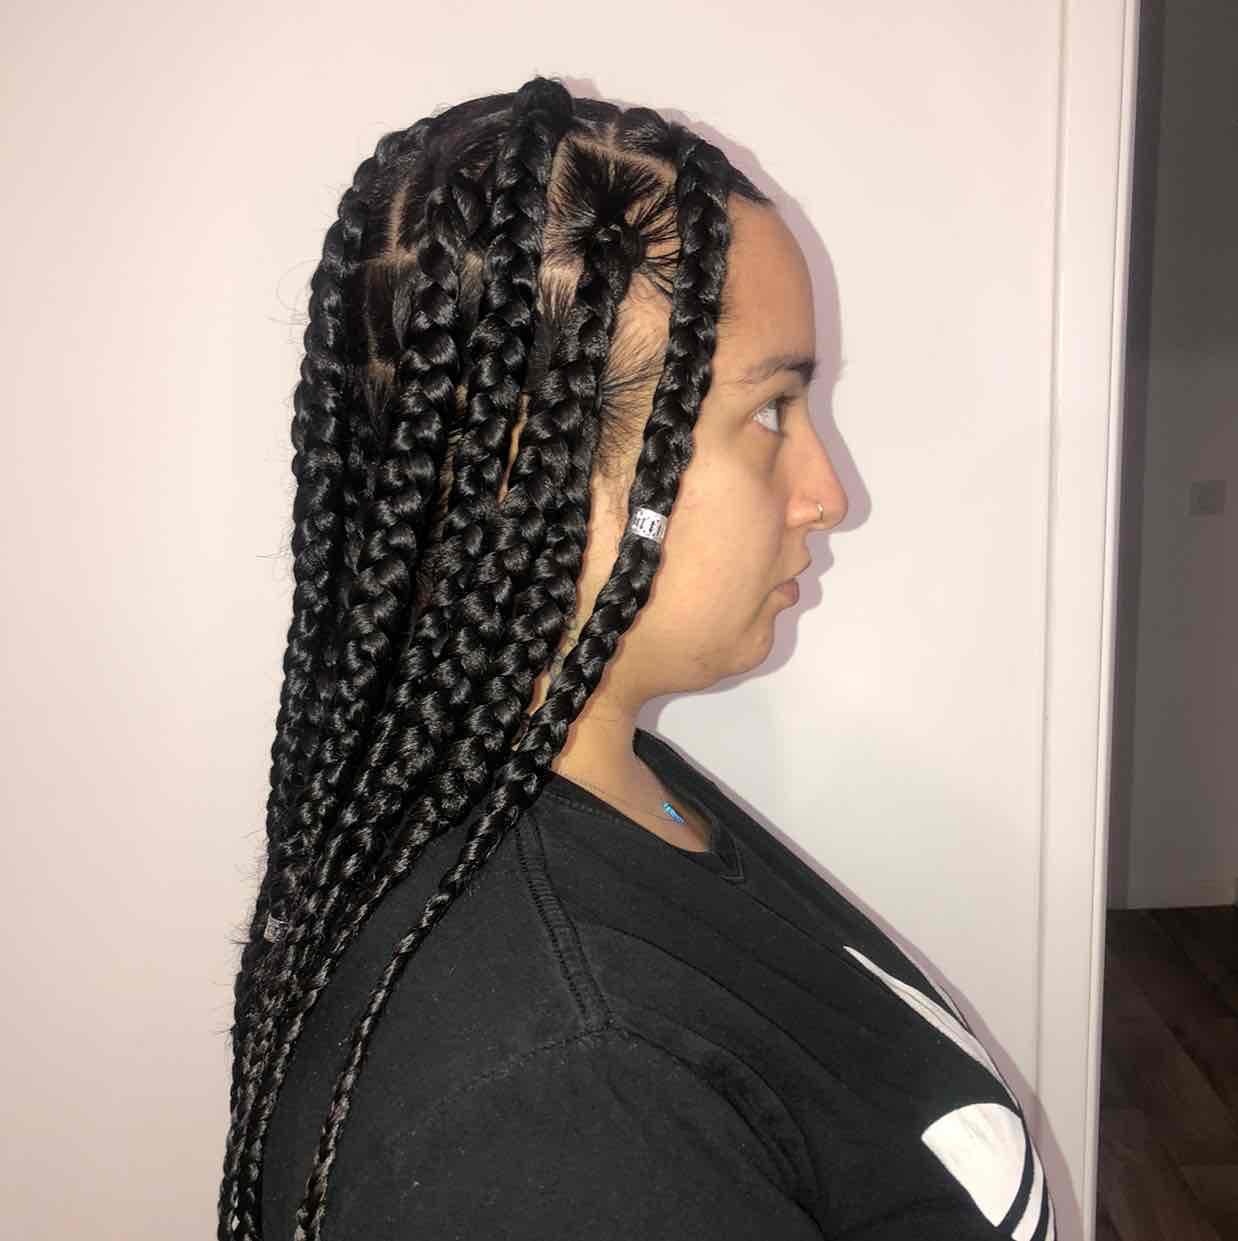 salon de coiffure afro tresse tresses box braids crochet braids vanilles tissages paris 75 77 78 91 92 93 94 95 LRNXQRAM